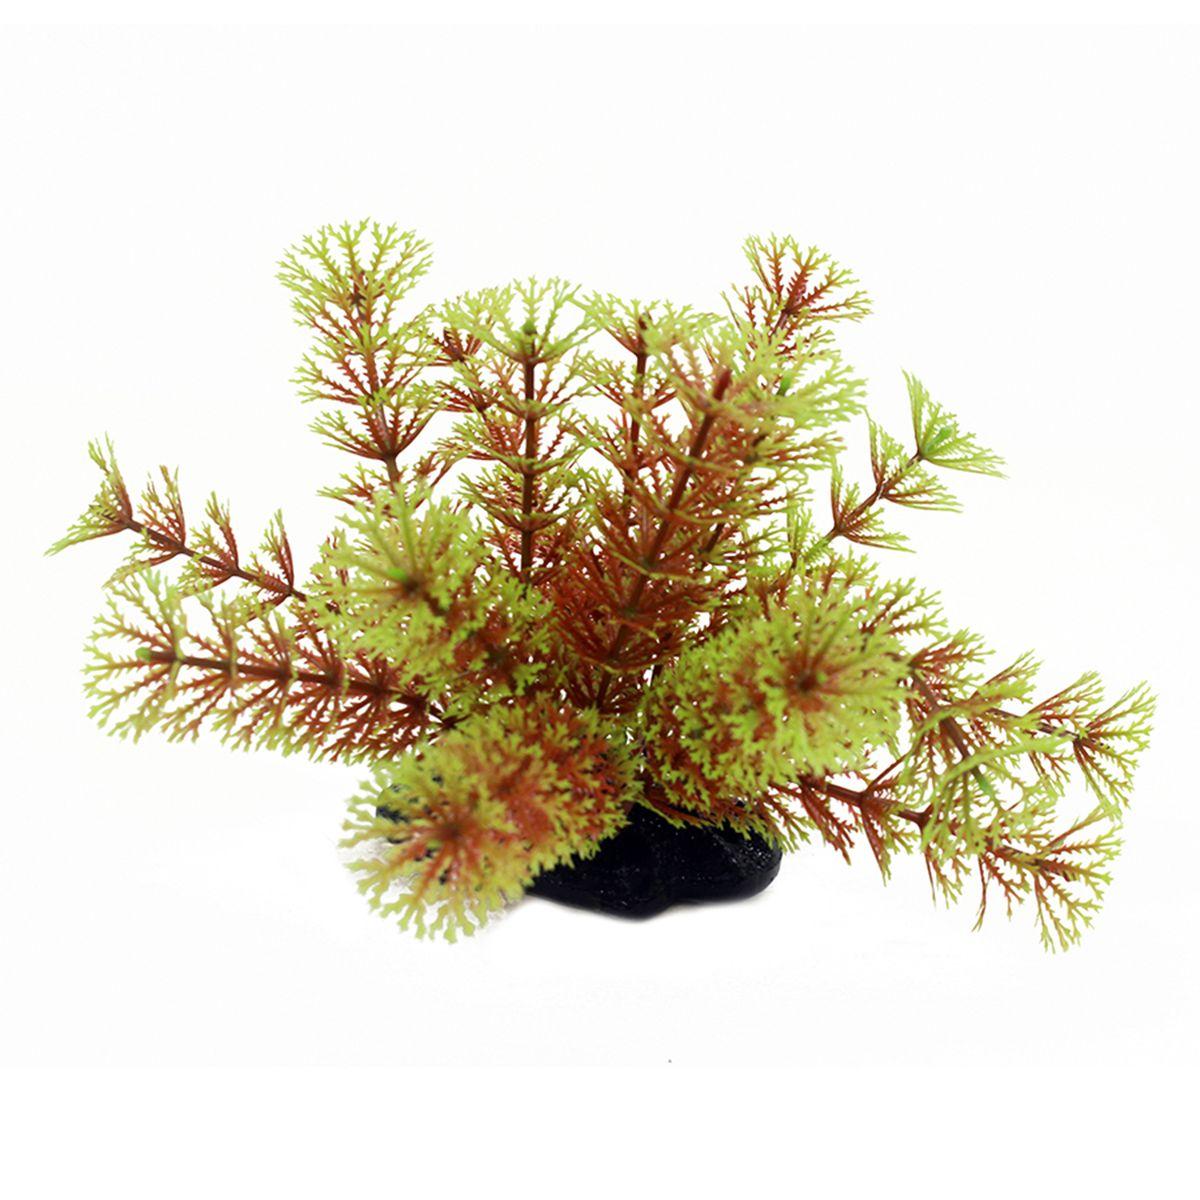 Растение для аквариума ArtUniq Кабомба красно-зеленая, высота 10-12 смART-1192103Растение для аквариума ArtUniq Кабомба красно-зеленая, высота 10-12 см